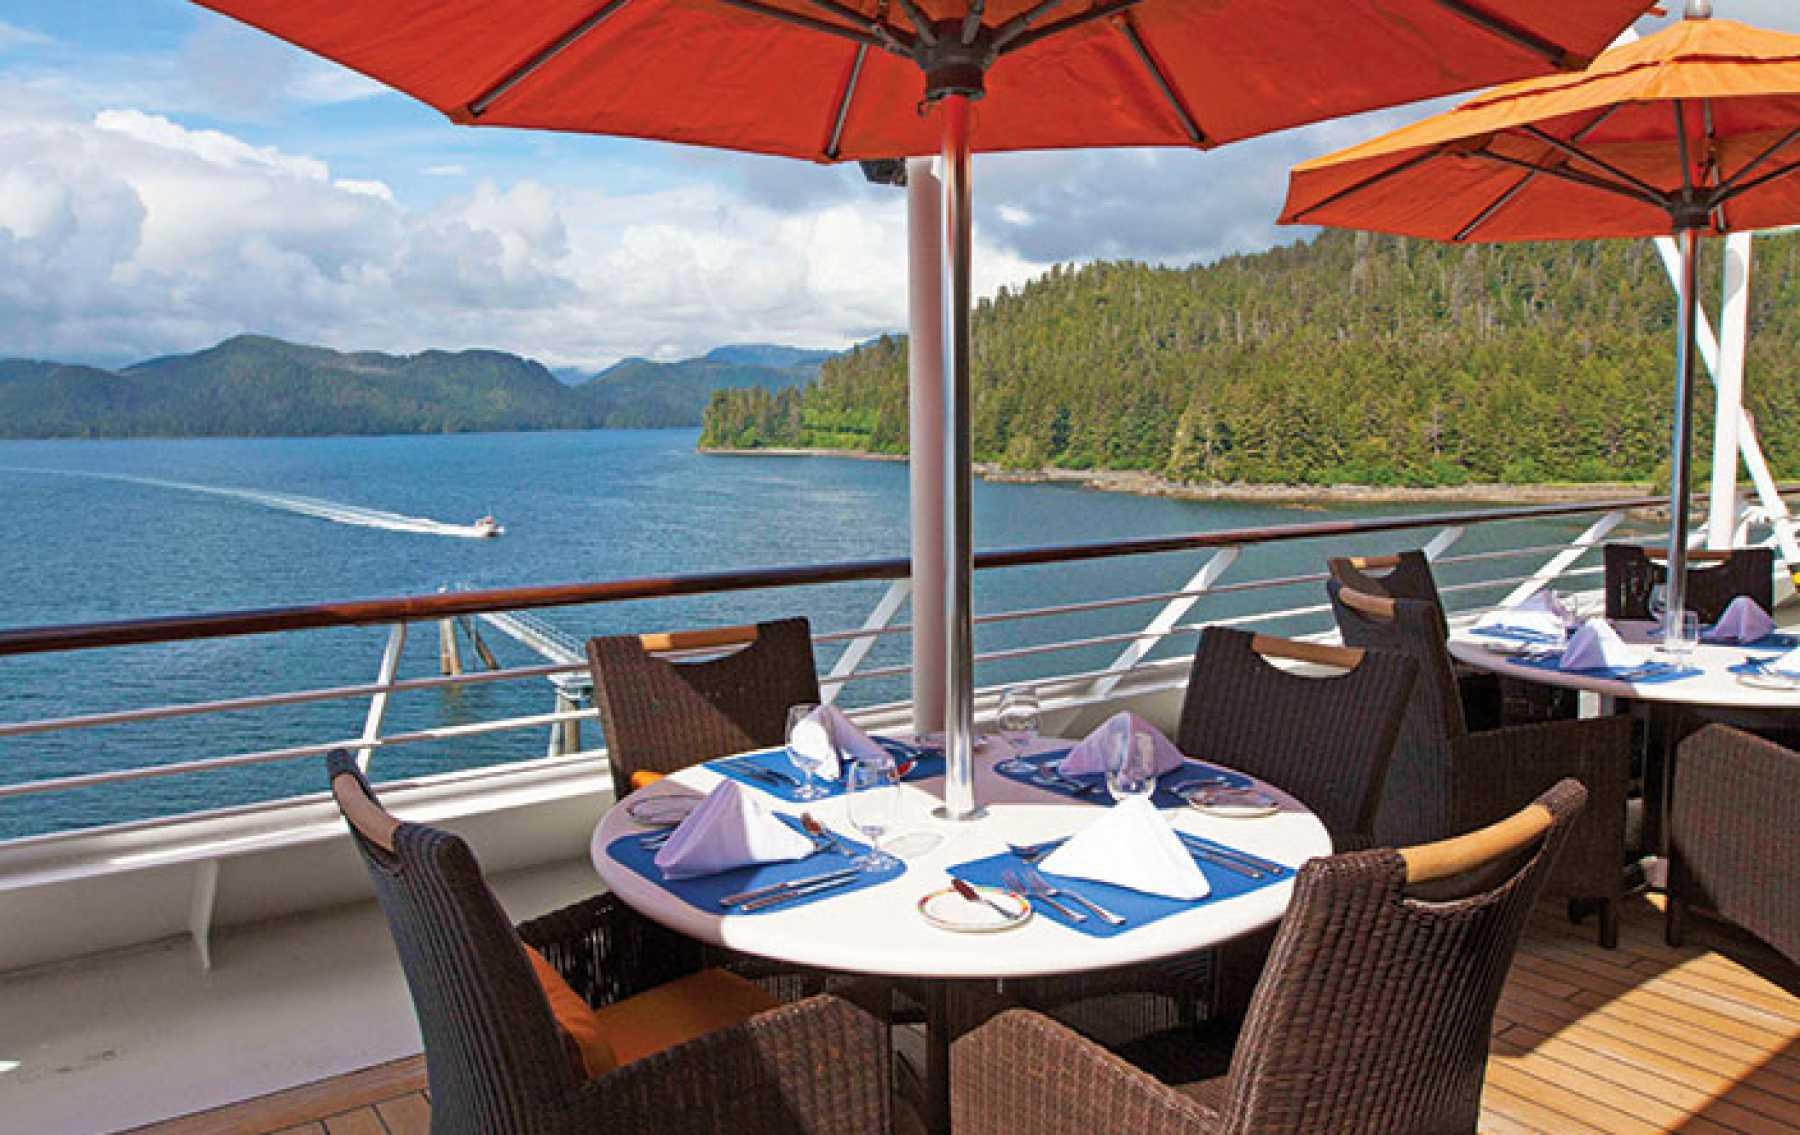 Oceania Cruises R Class Terrace Cafe.jpg